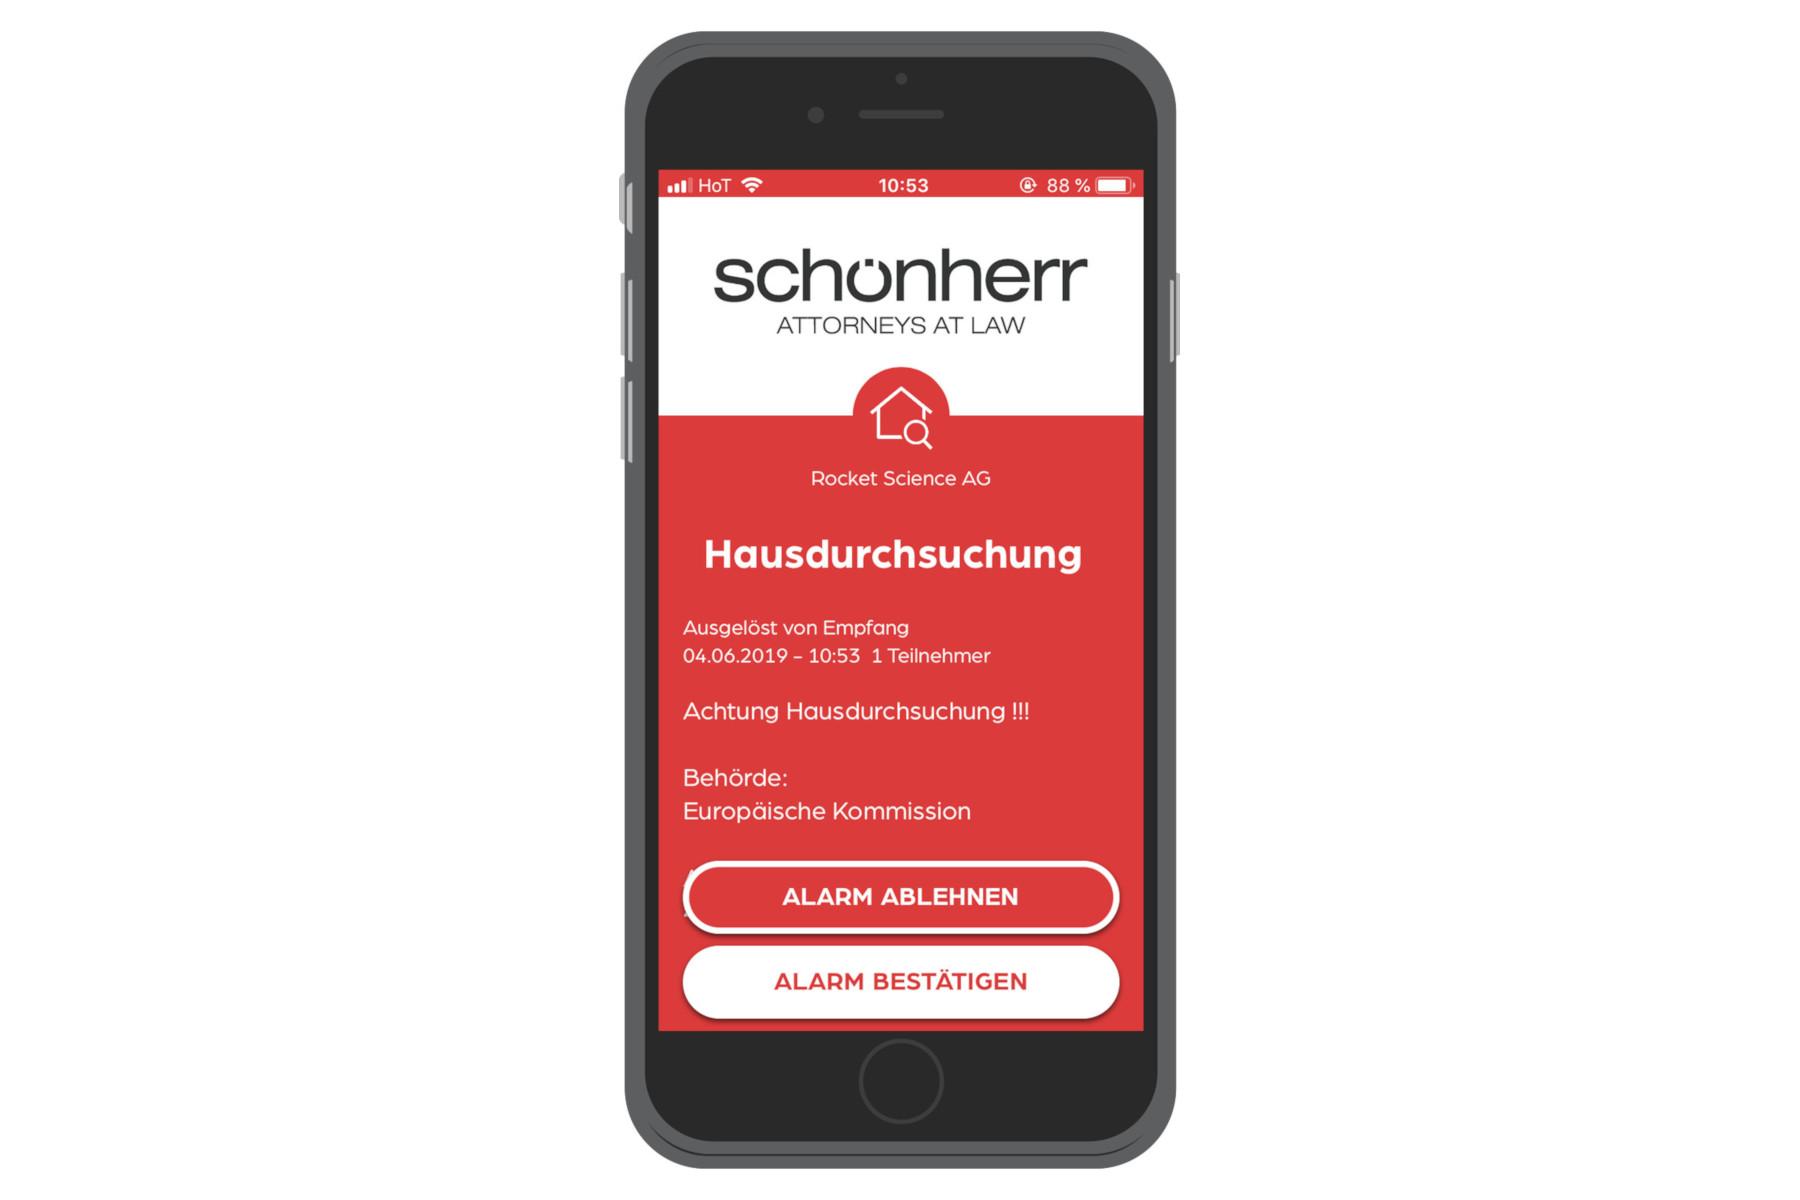 Schönherr Dawn Raid App Credit SafeREACH